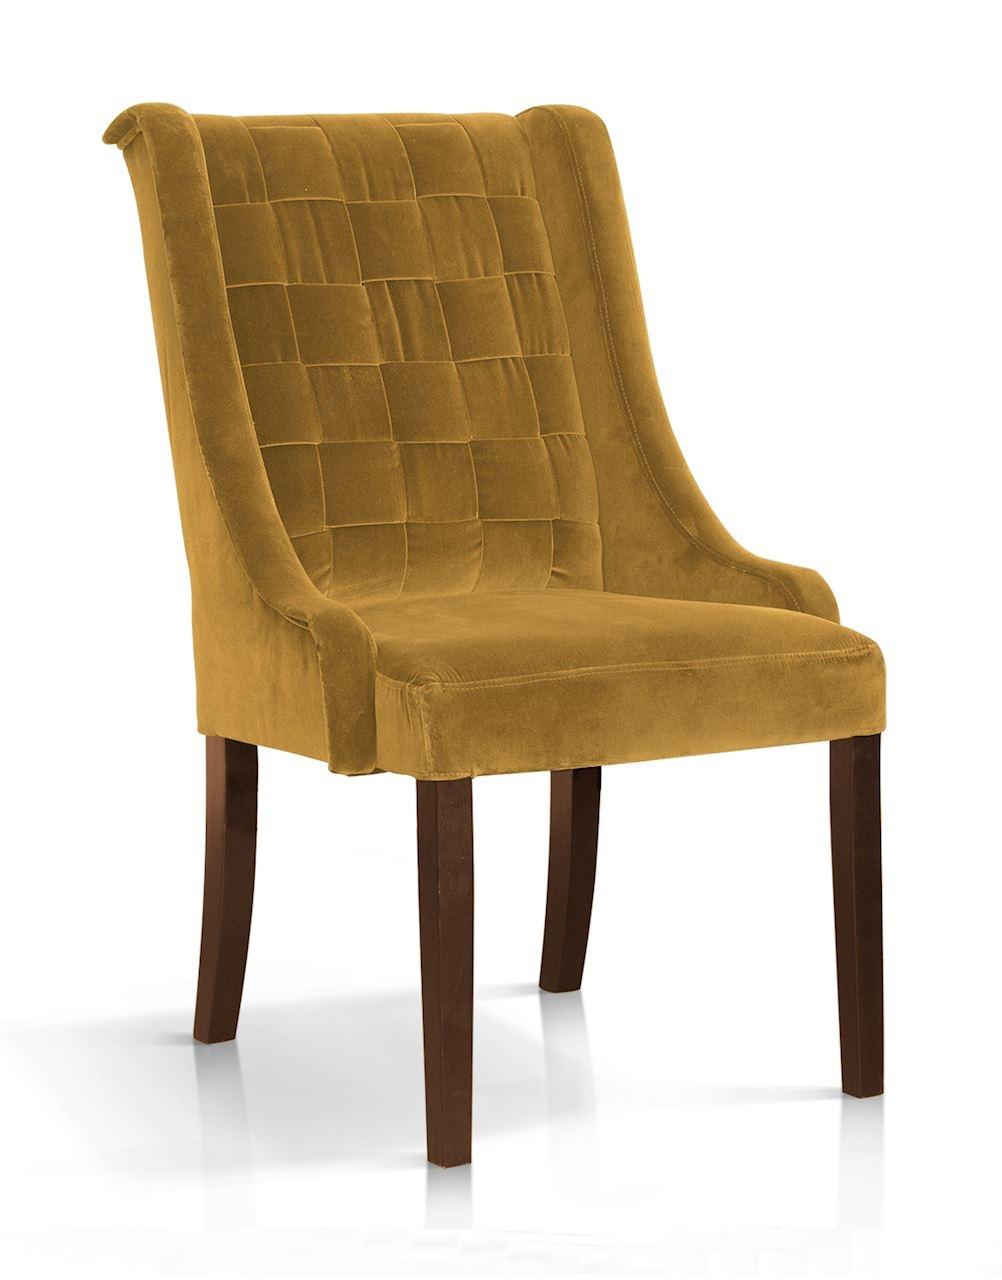 Scaun tapitat cu stofa, cu picioare din lemn Prince Galben / Nuc, l55xA70xH105 cm